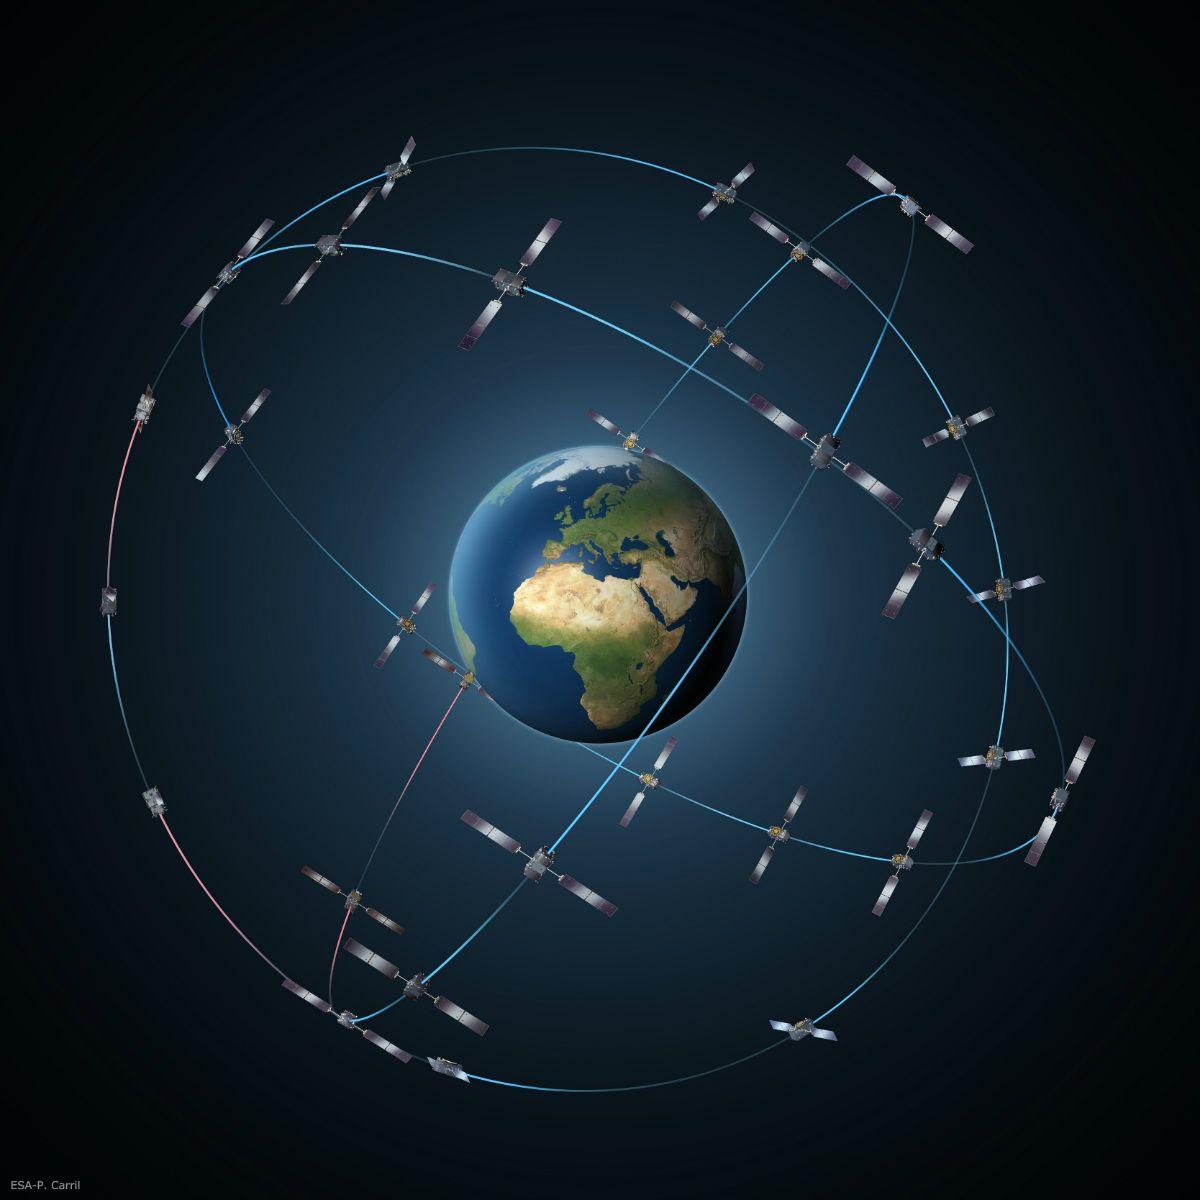 Galileo info en direct news et actualit en temps r el - Telematin direct aujourd hui ...